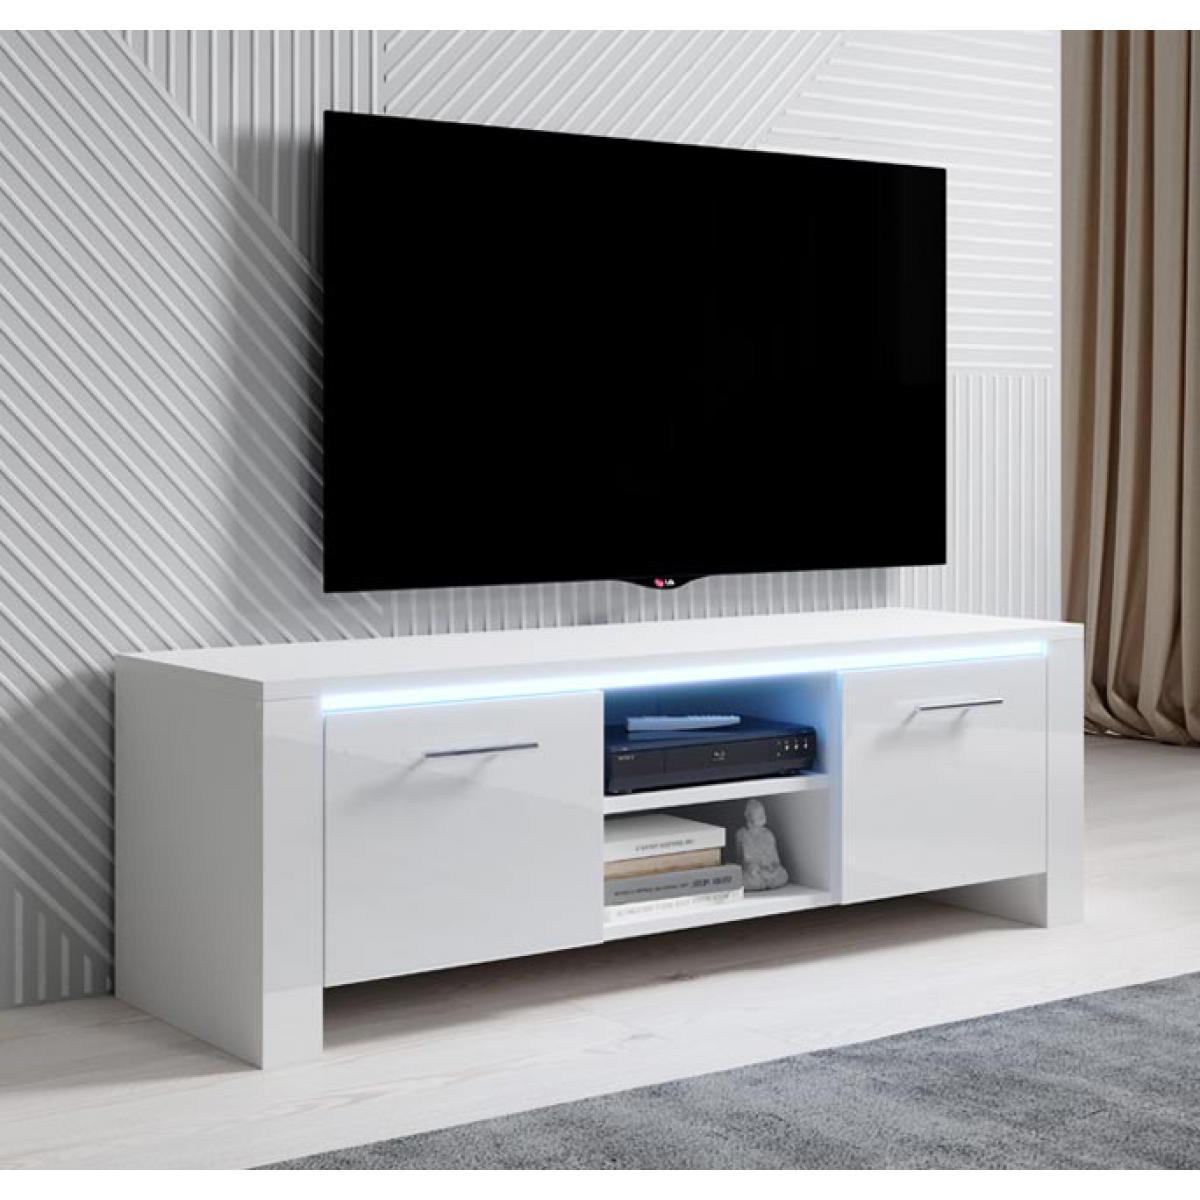 Design Ameublement Meuble TV modèle Elina (120x40cm) couleur blanc avec LED RGB